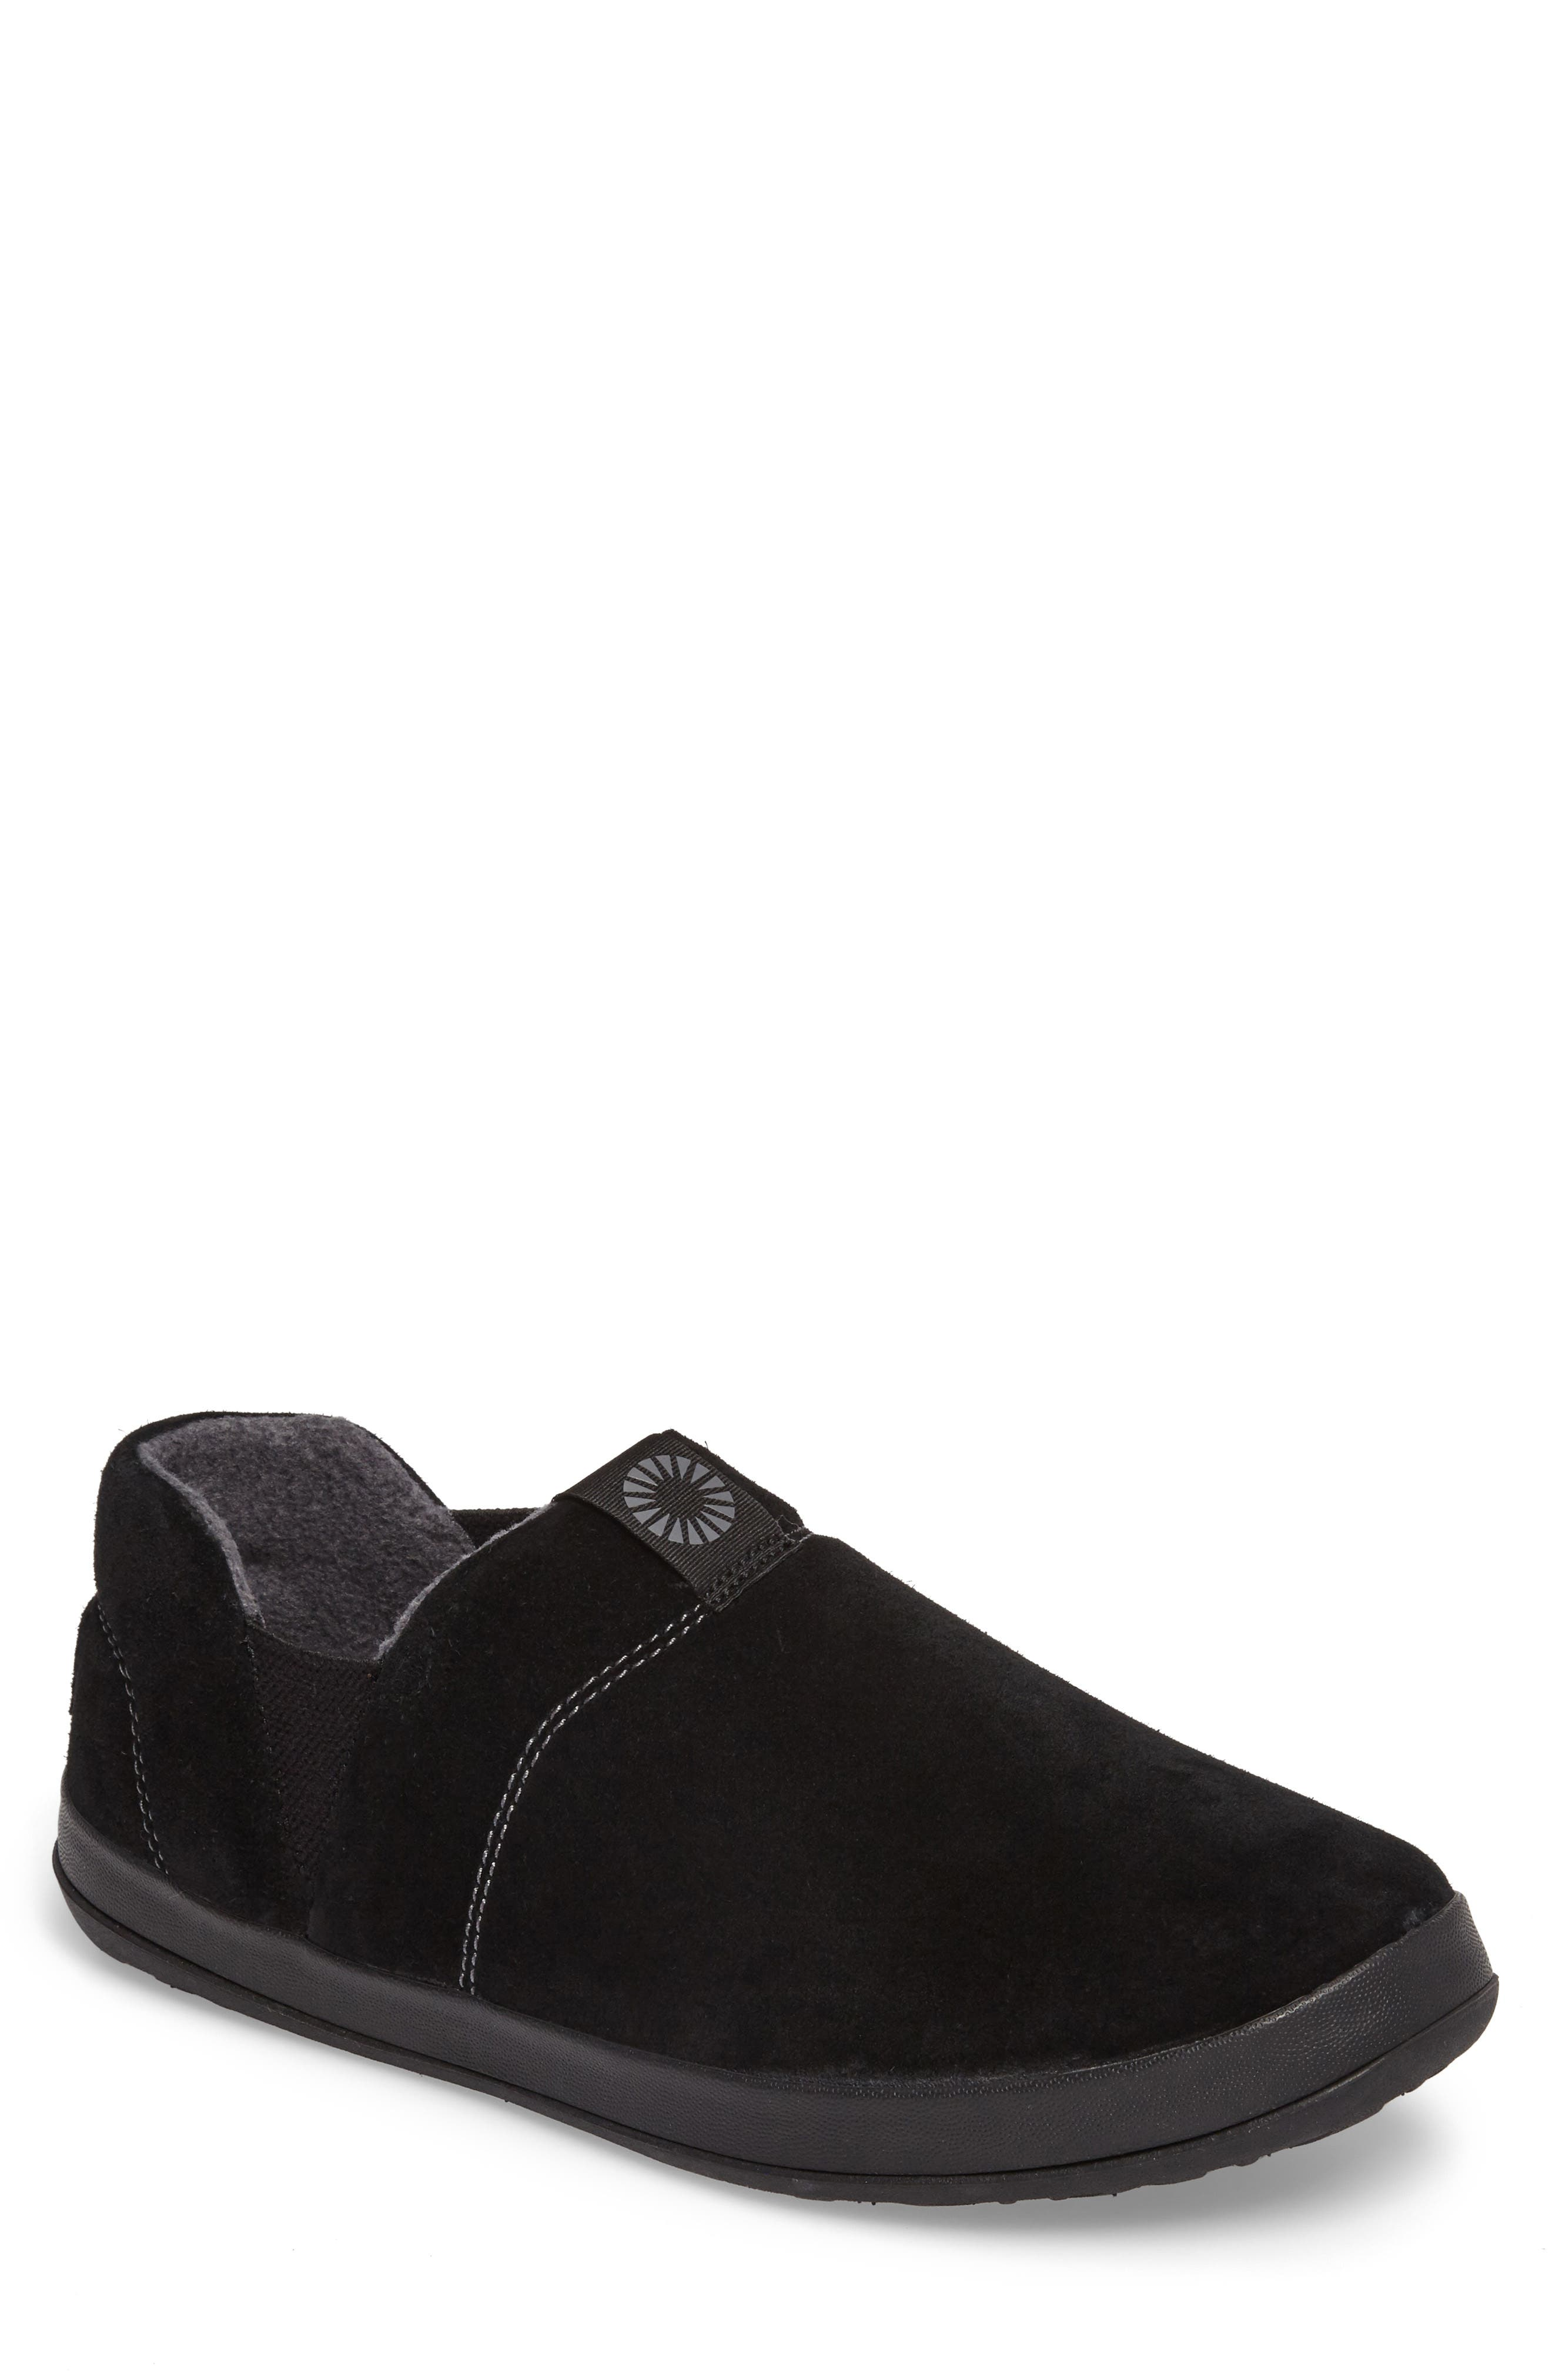 ugg slippers mens